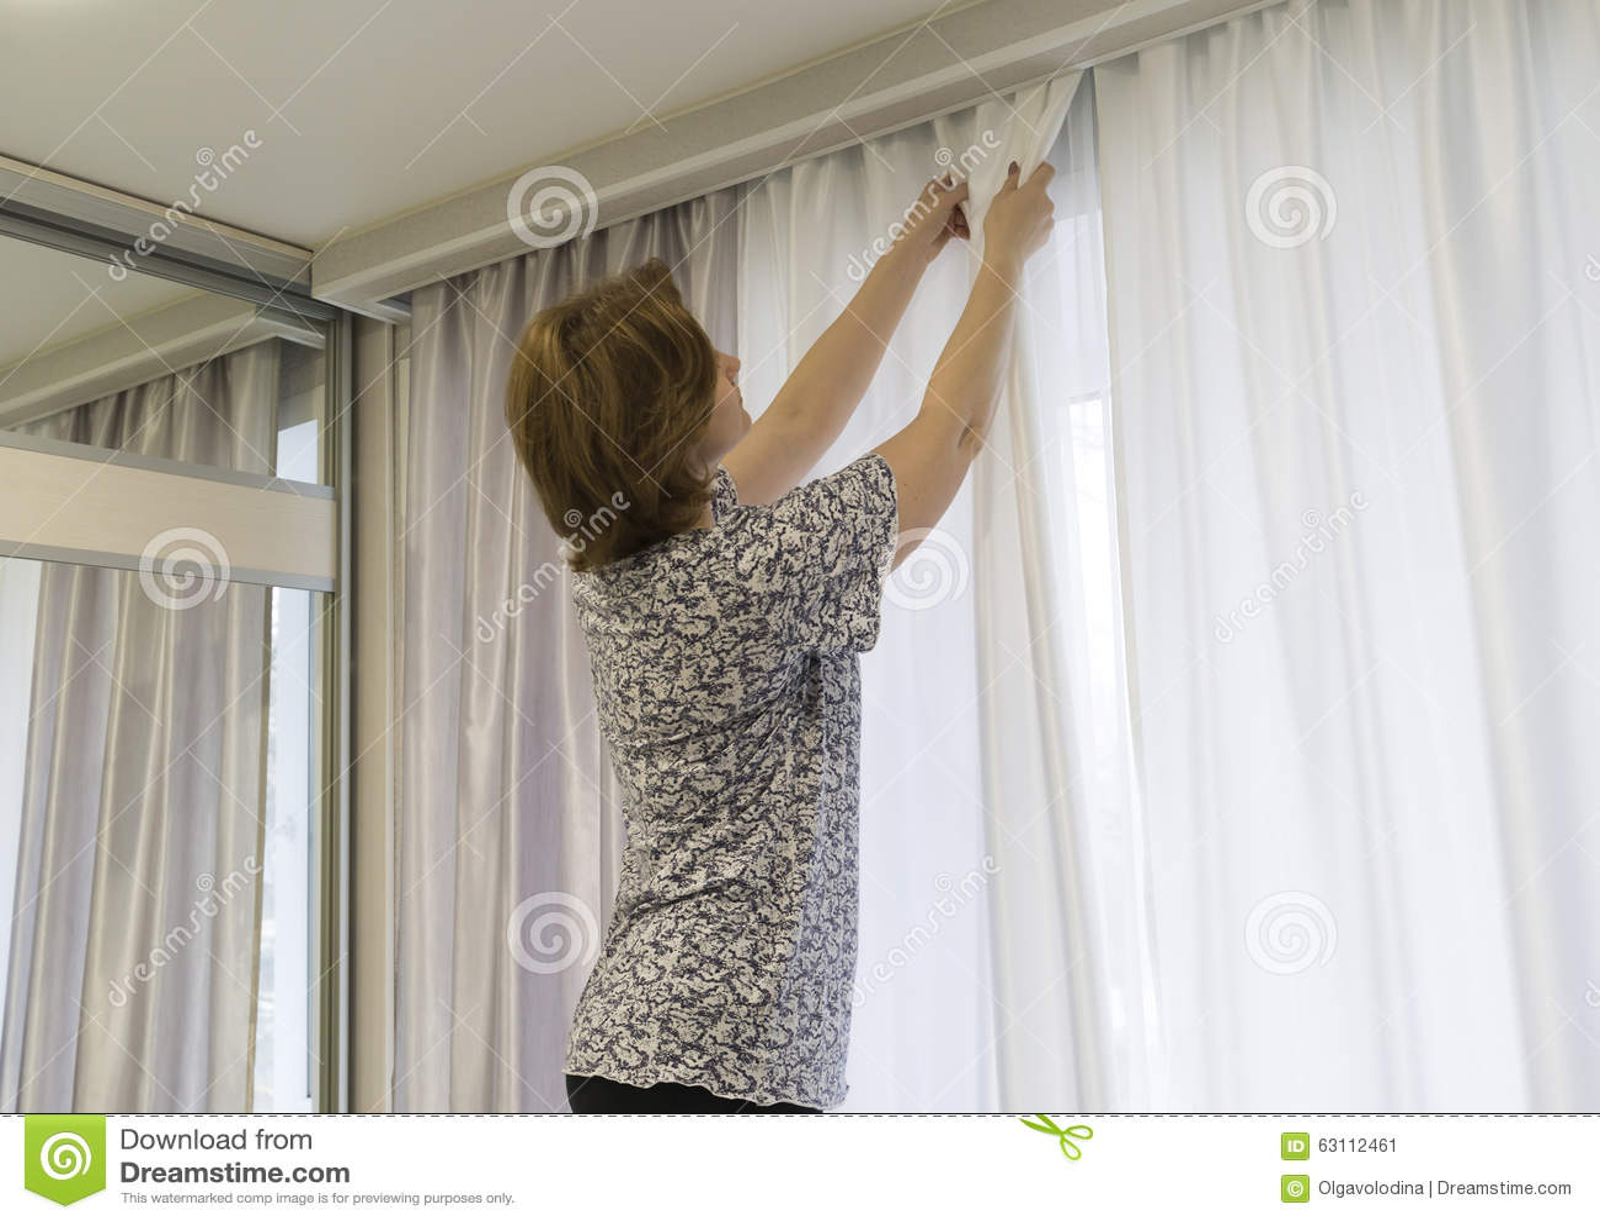 https://thumbs.dreamstime.com/z/vrouw-die-omhoog-zijn-gordijnen-hangen-bij-venster-63112461.jpg